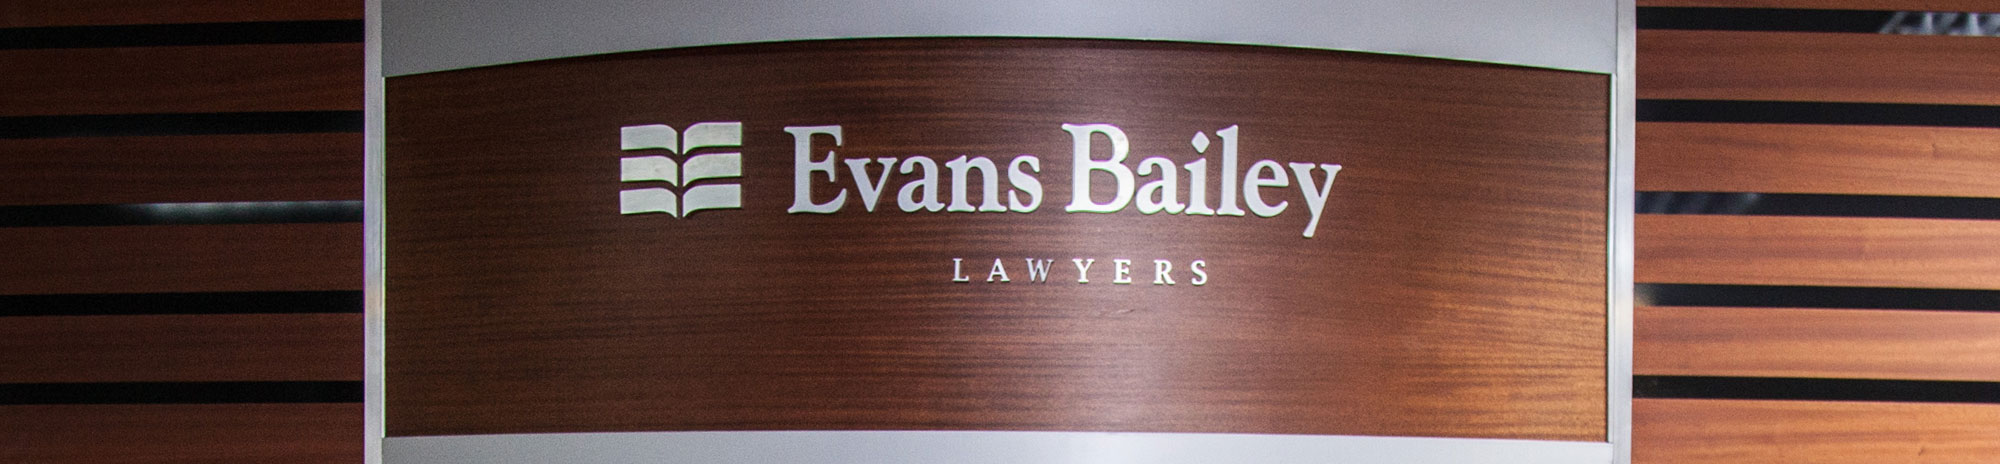 Evans Bailey Lawyers, Hamilton, NZ